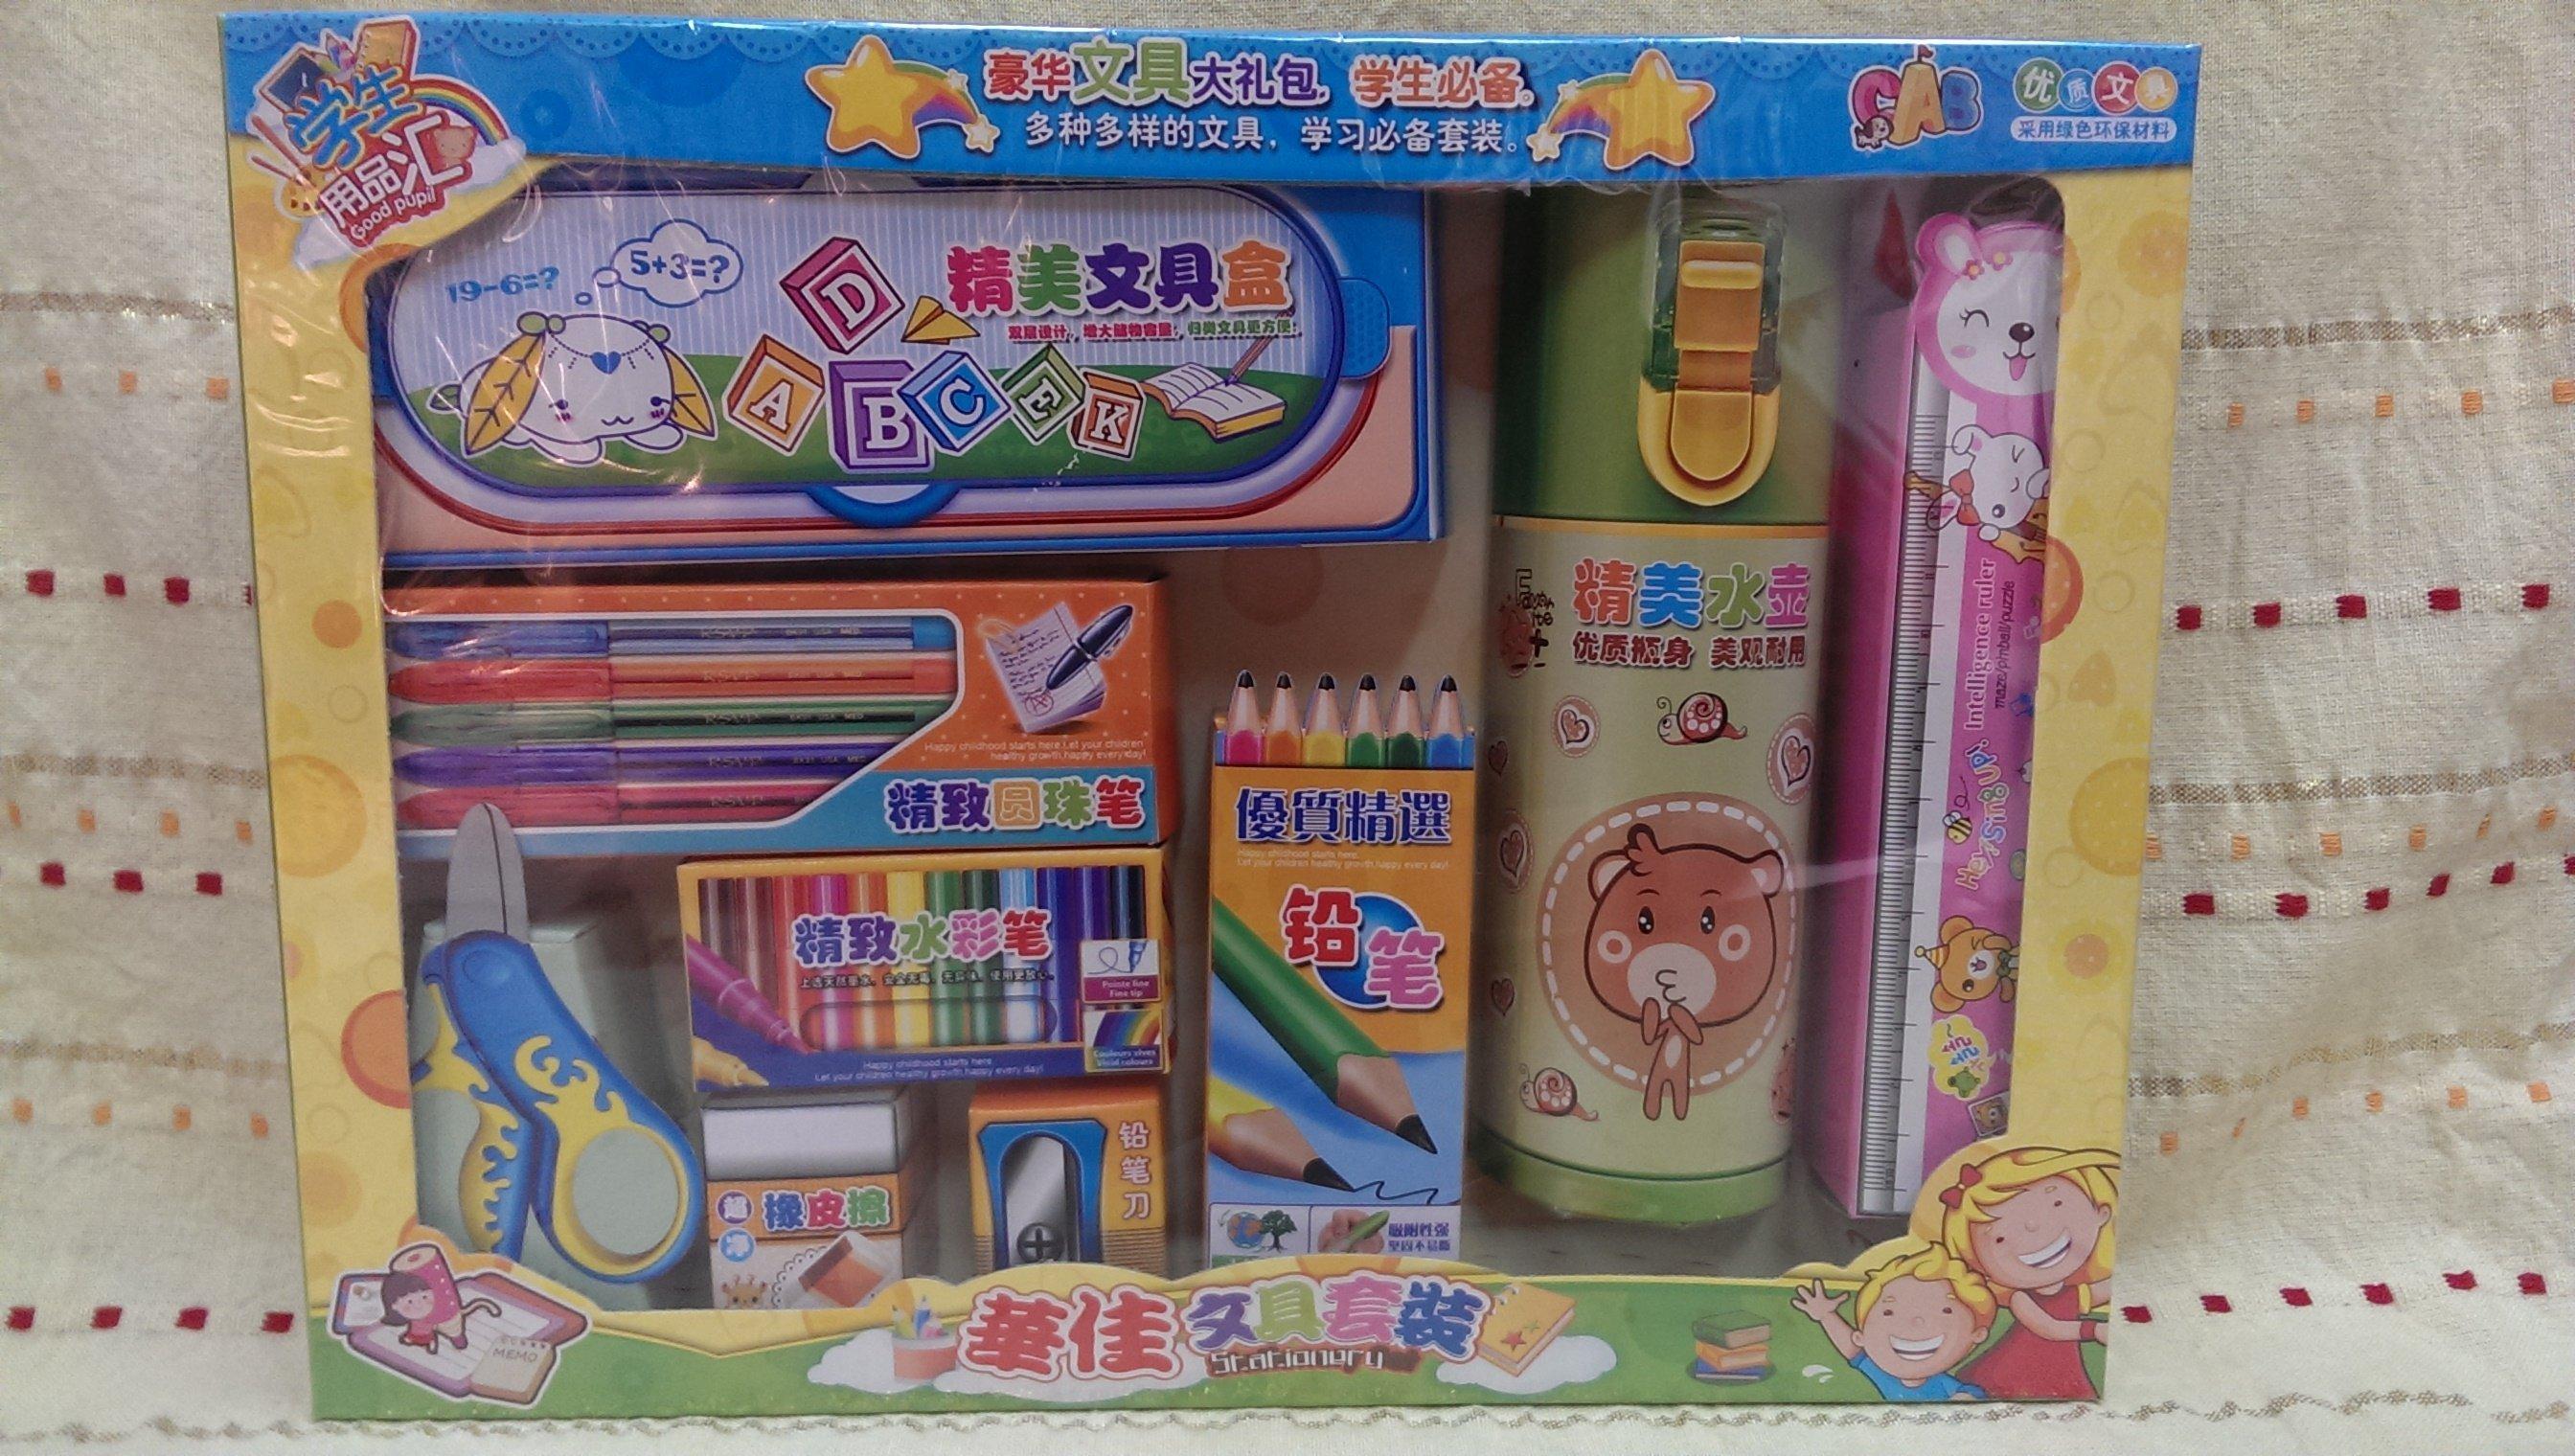 。◕‿◕。富信檀香 。◕‿◕{兒童用品}華麗紙紮品 往生用品 ~~ 文具套裝 鉛筆盒 彩色筆 蠟筆 橡皮擦 剪刀 尺